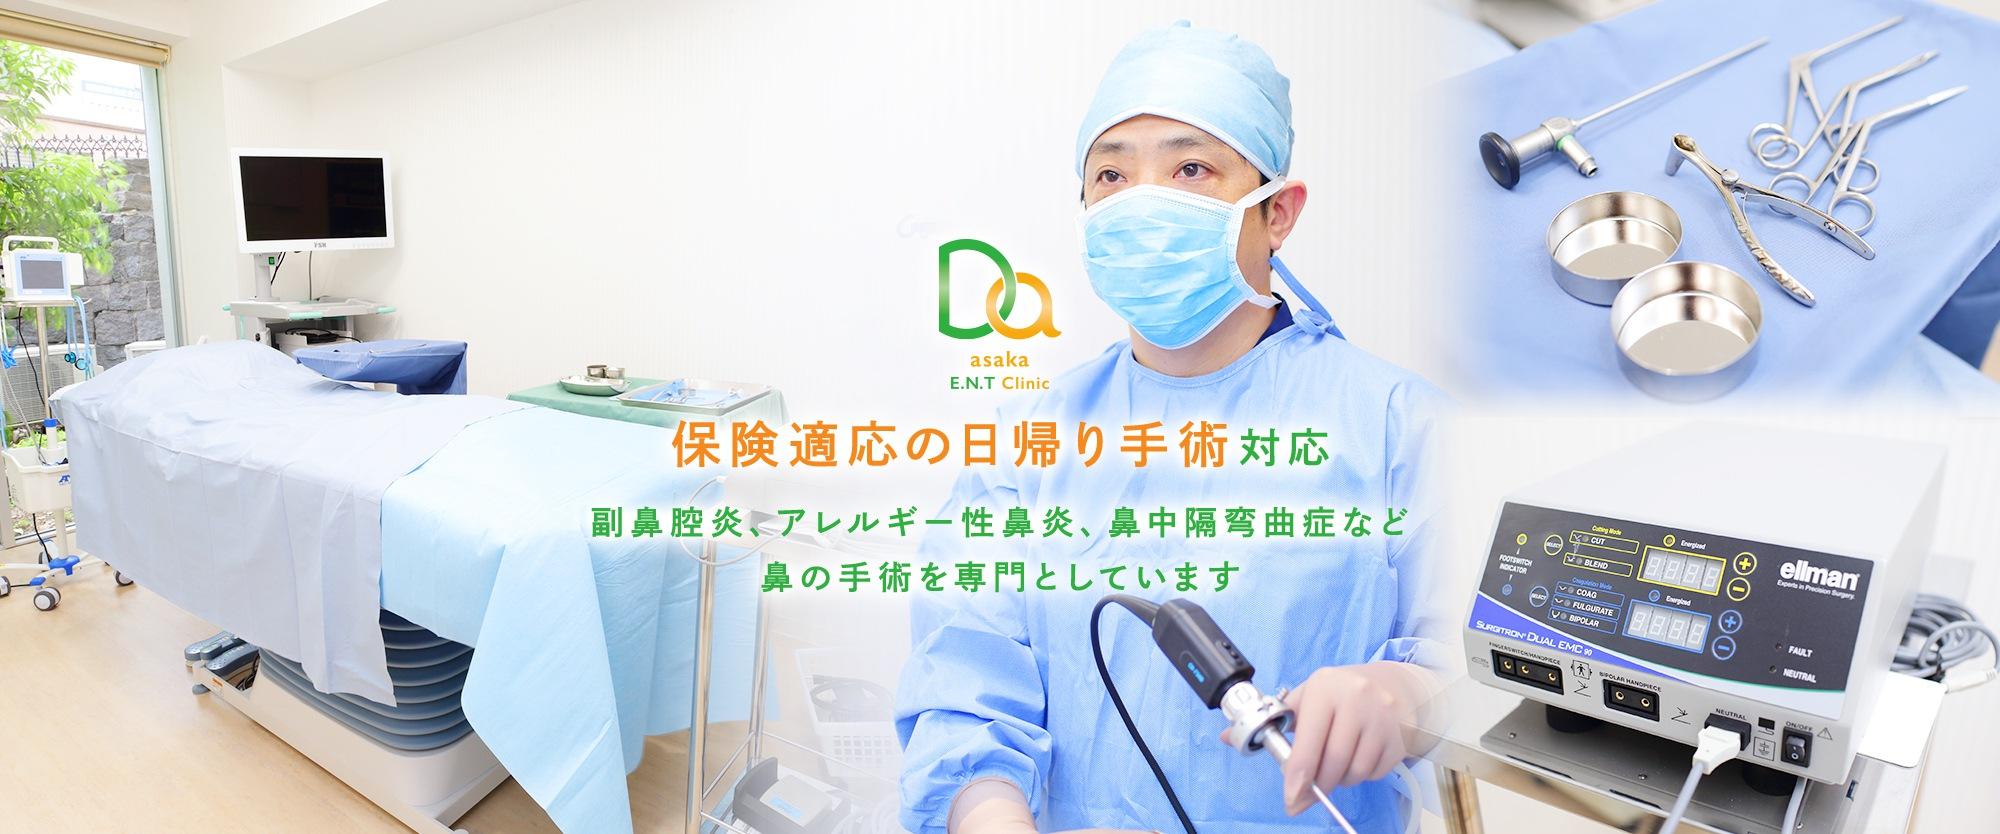 保険適応の日帰り手術対応。副鼻腔炎、アレルギー性鼻炎、鼻中隔湾曲症など鼻の手術を専門としています